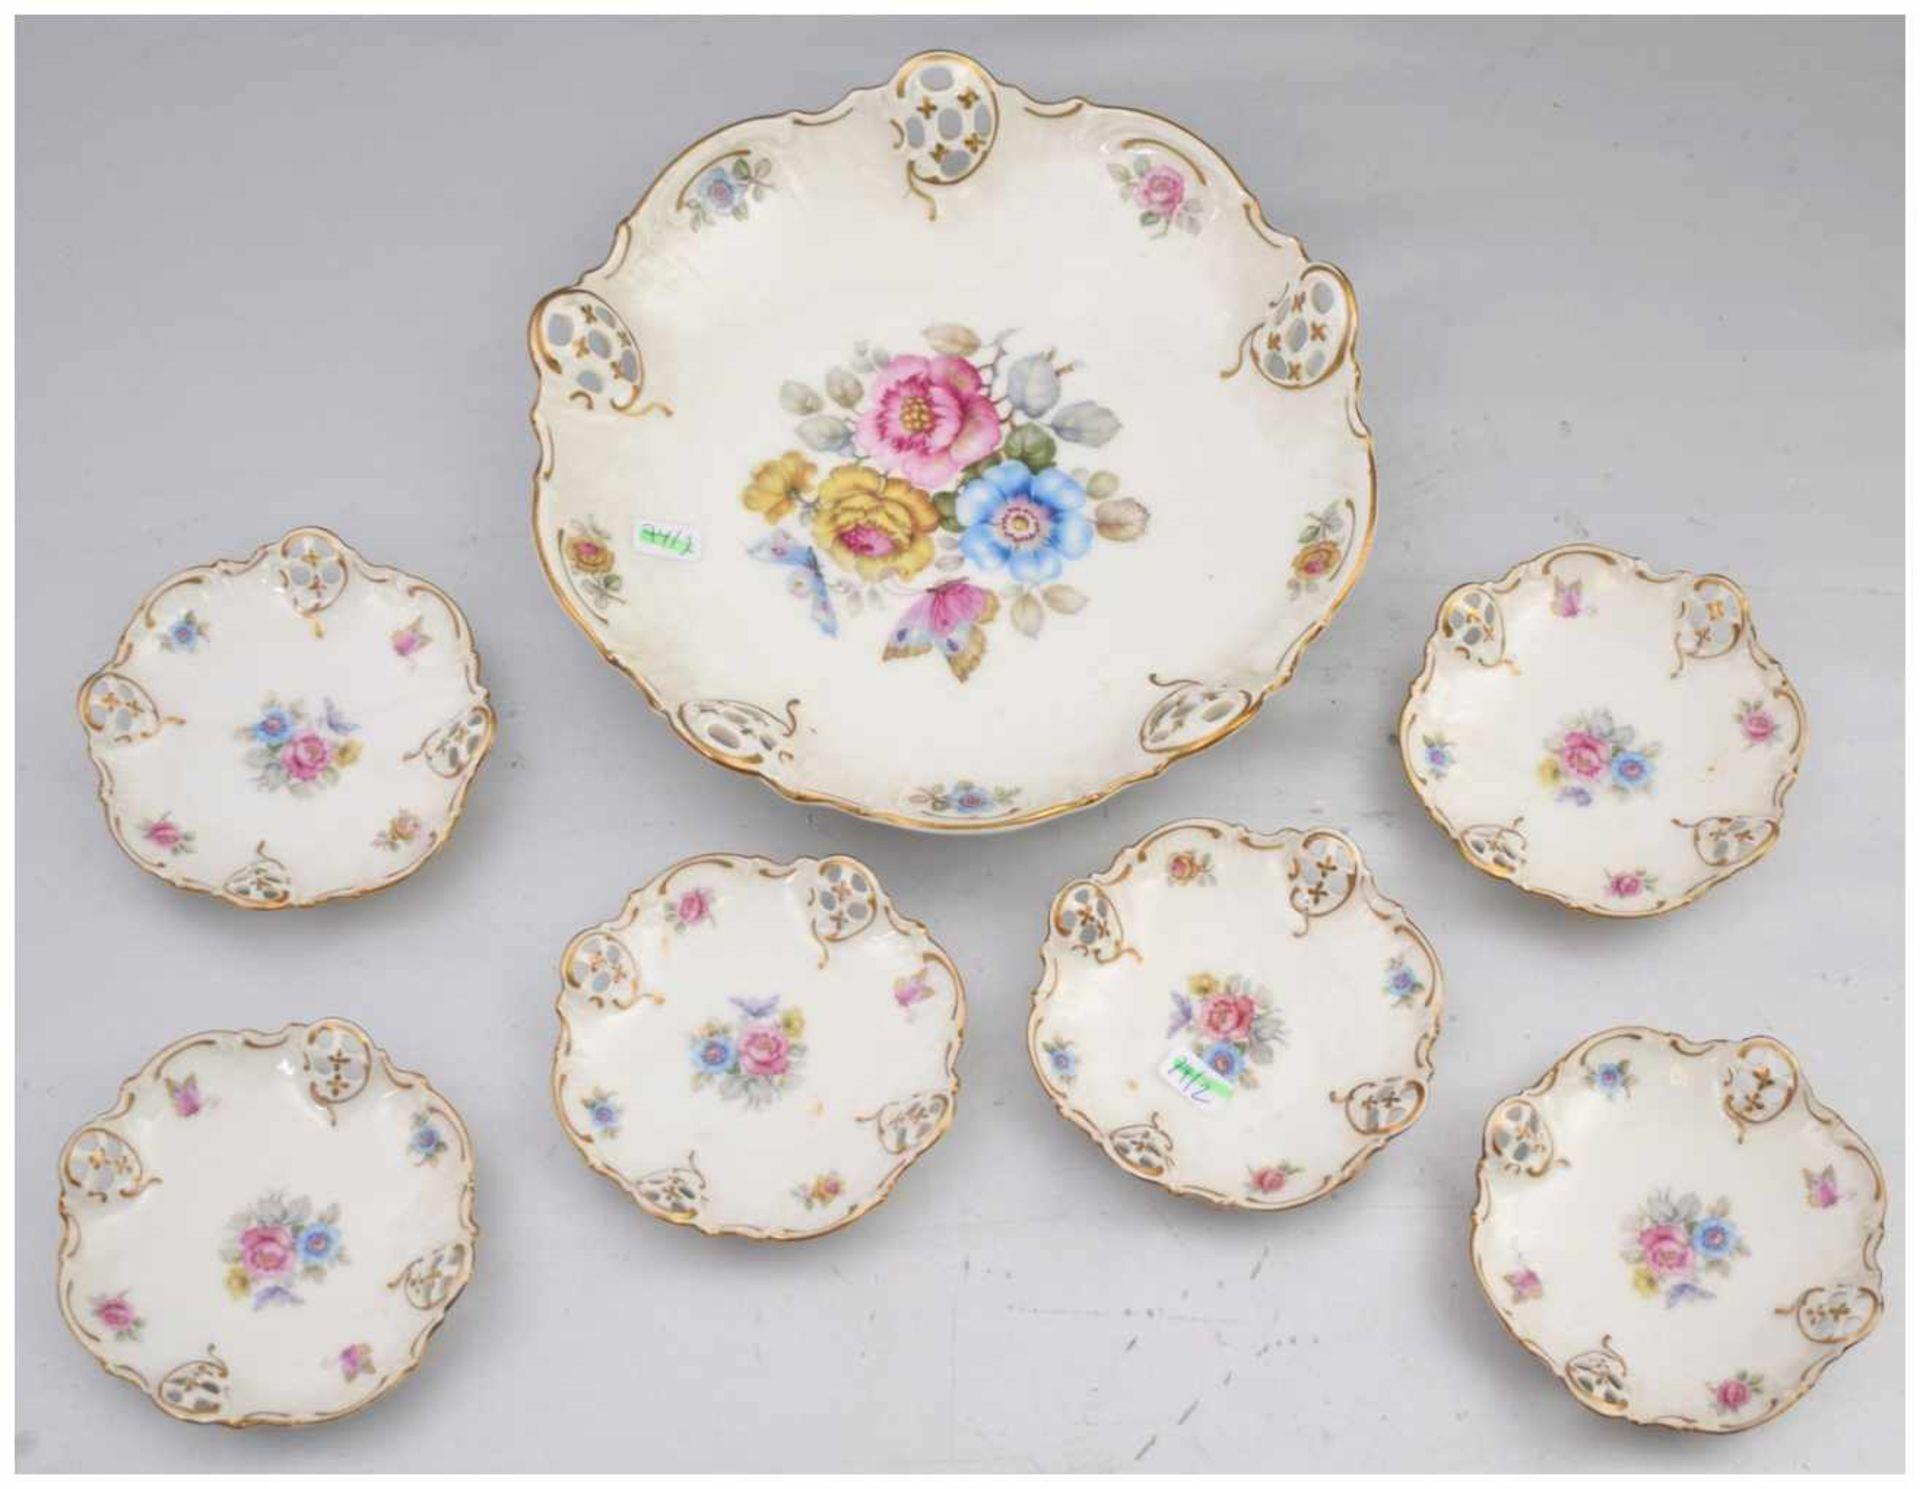 Los 14 - Gebäckschale mit sechs kleinen Tellern rund, durchbrochener Rand, gold verziert, Spiegel mit